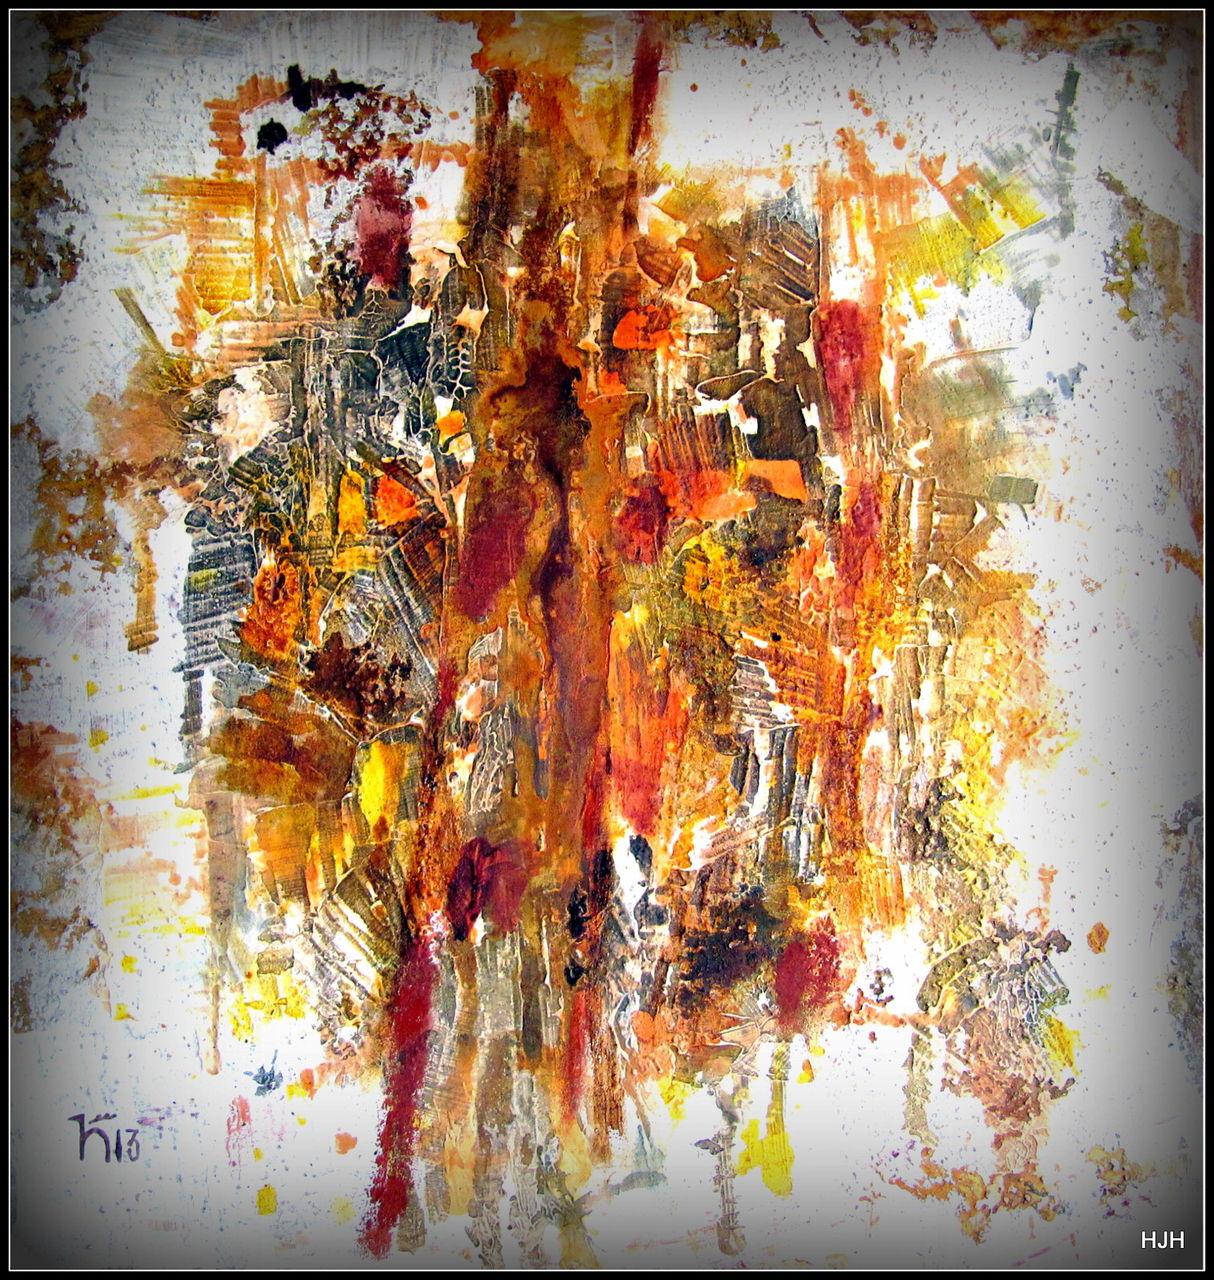 Bild Malerei, Abstrakt, Fallende, Blätter von hermann hirschberger bei KunstNet ~ 01120309_Blätter Von Sukkulenten Fallen Ab